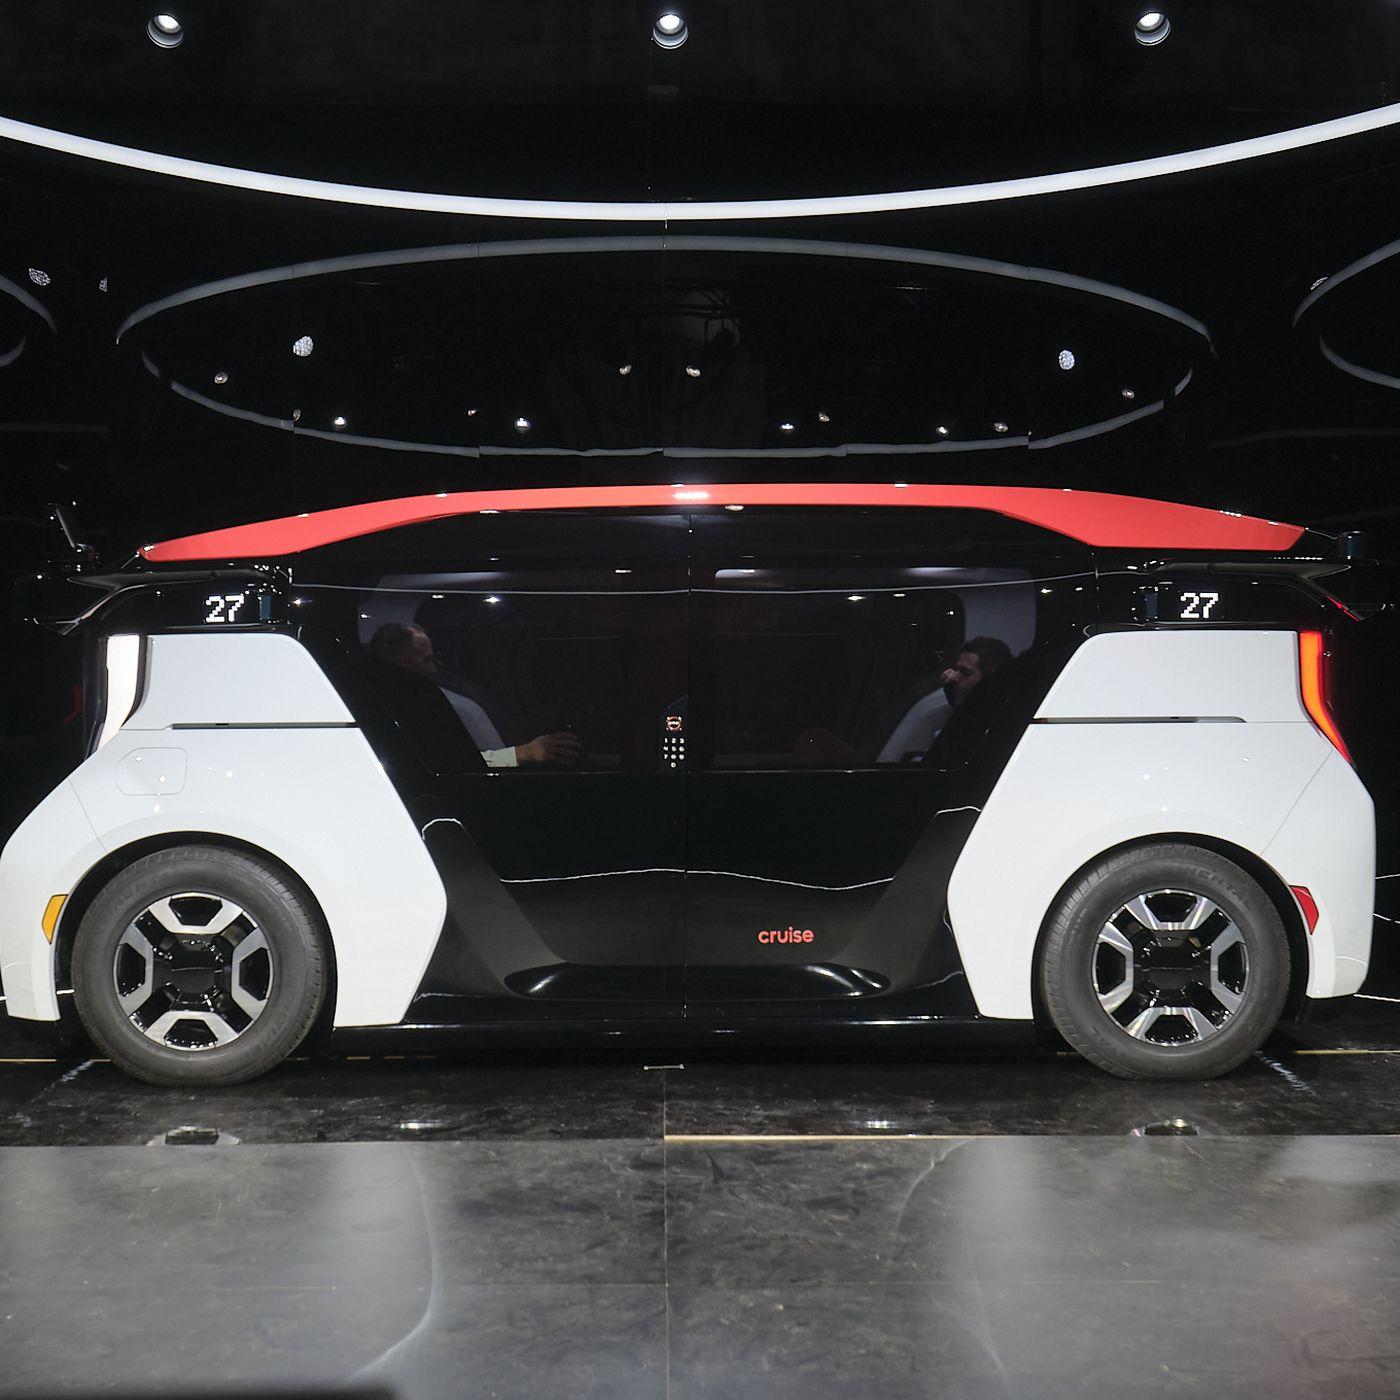 Cruise Driverless car